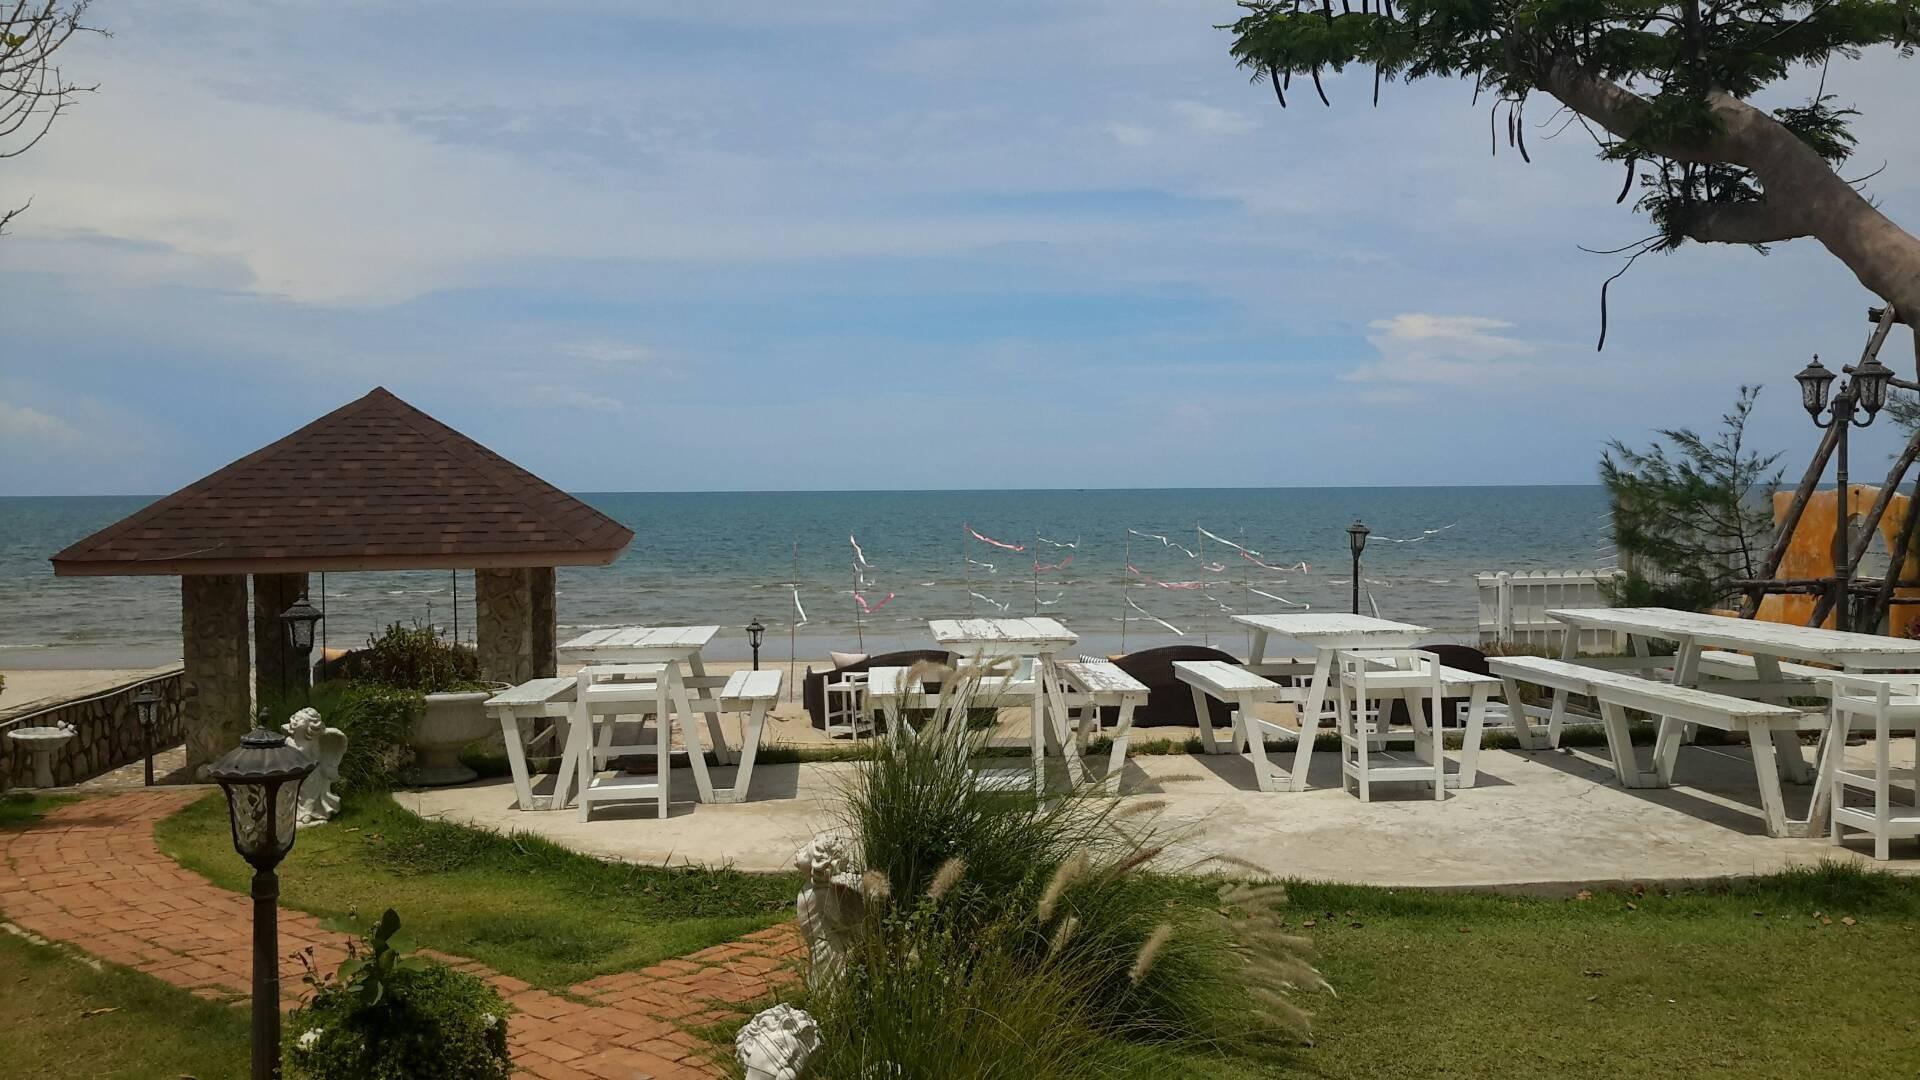 Laciana by the sea